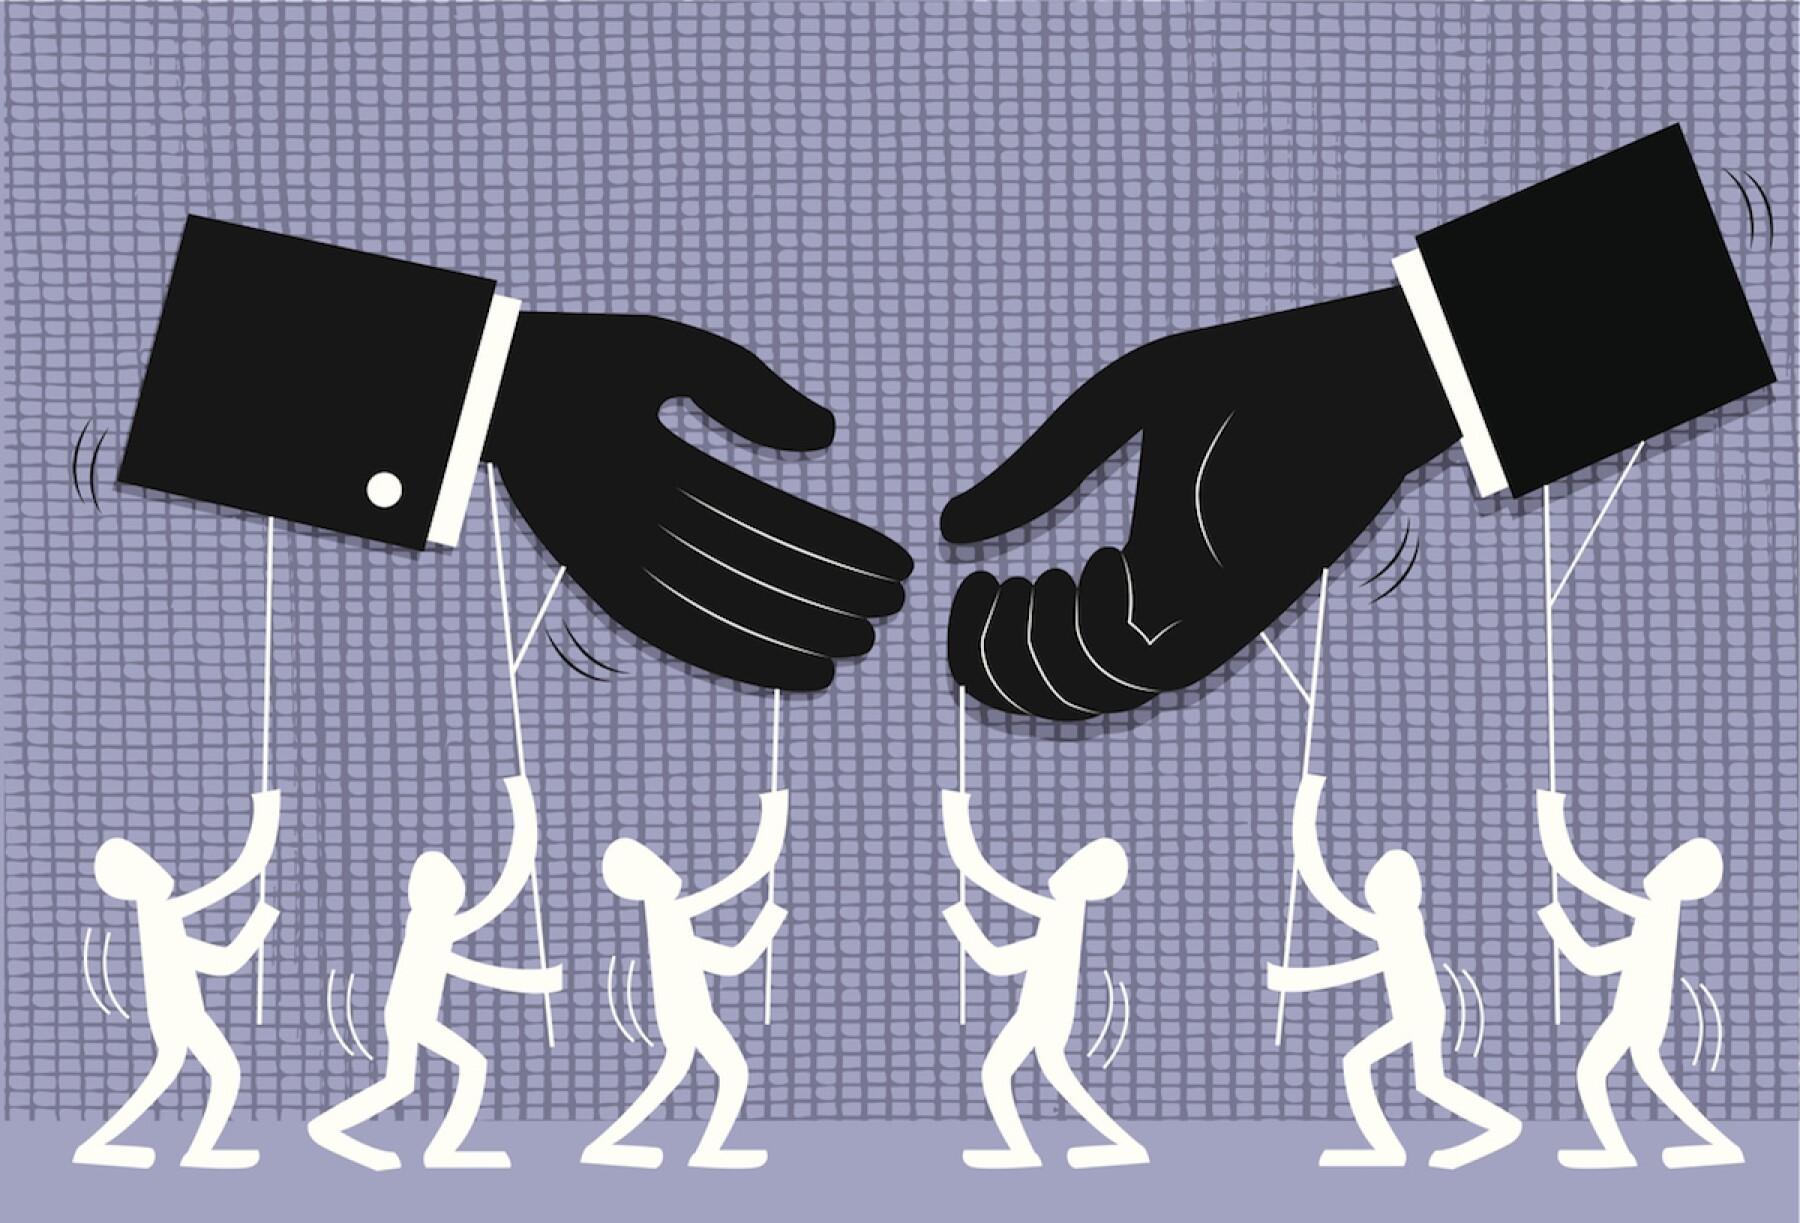 Conciliación - arbitraje - abogado - arbitraje comercial - pacto - cuota litis